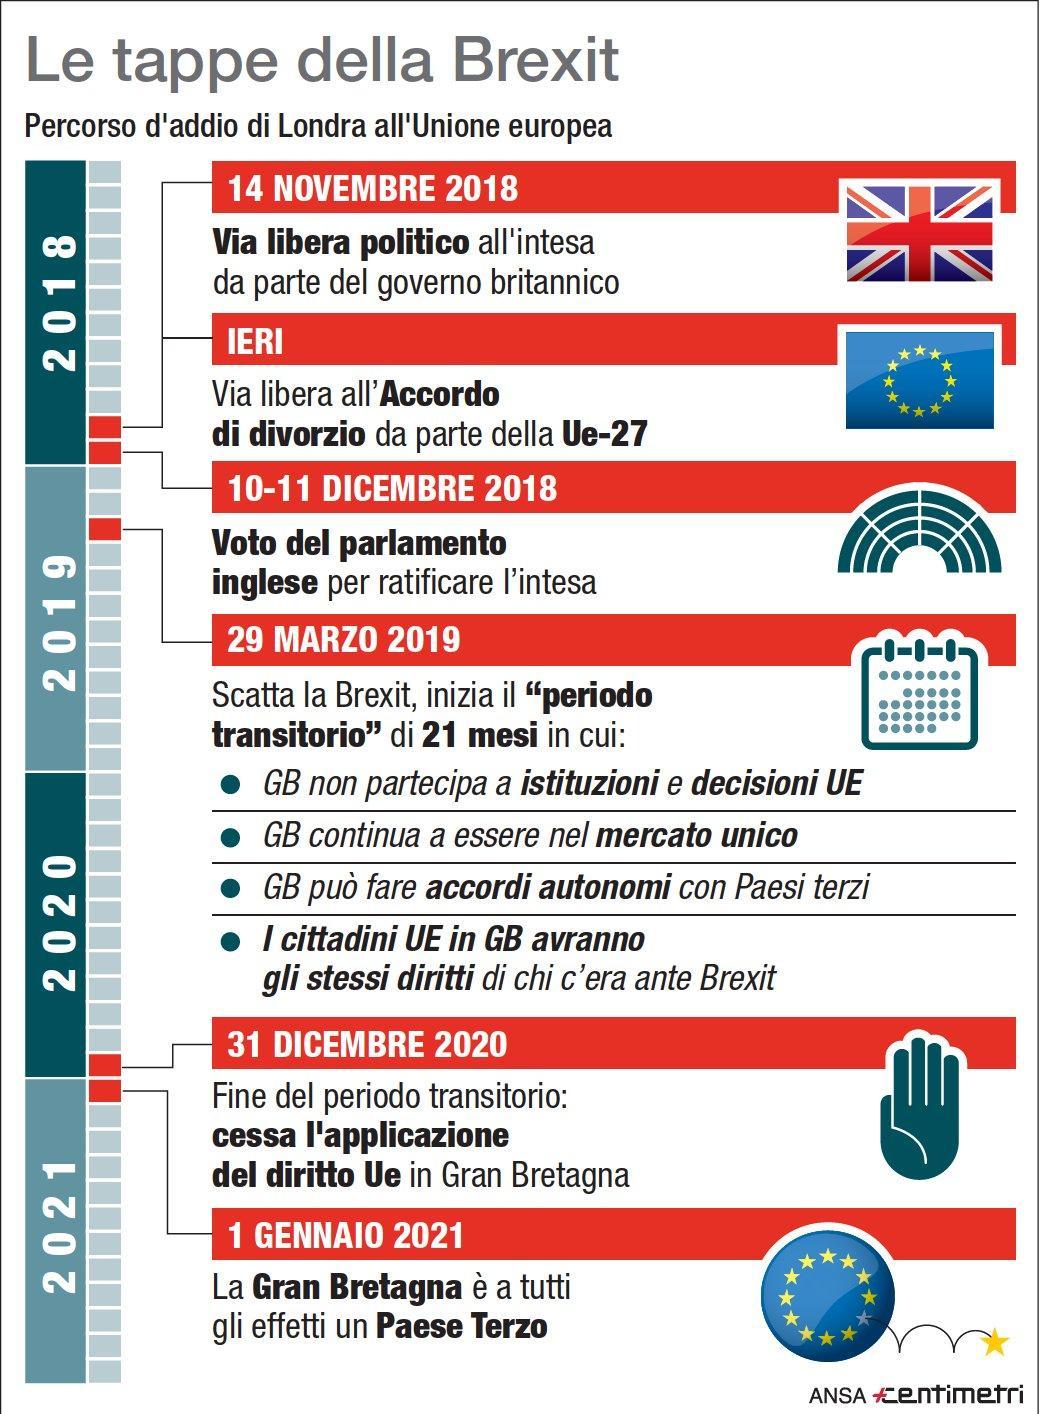 Le tappe della Brexit